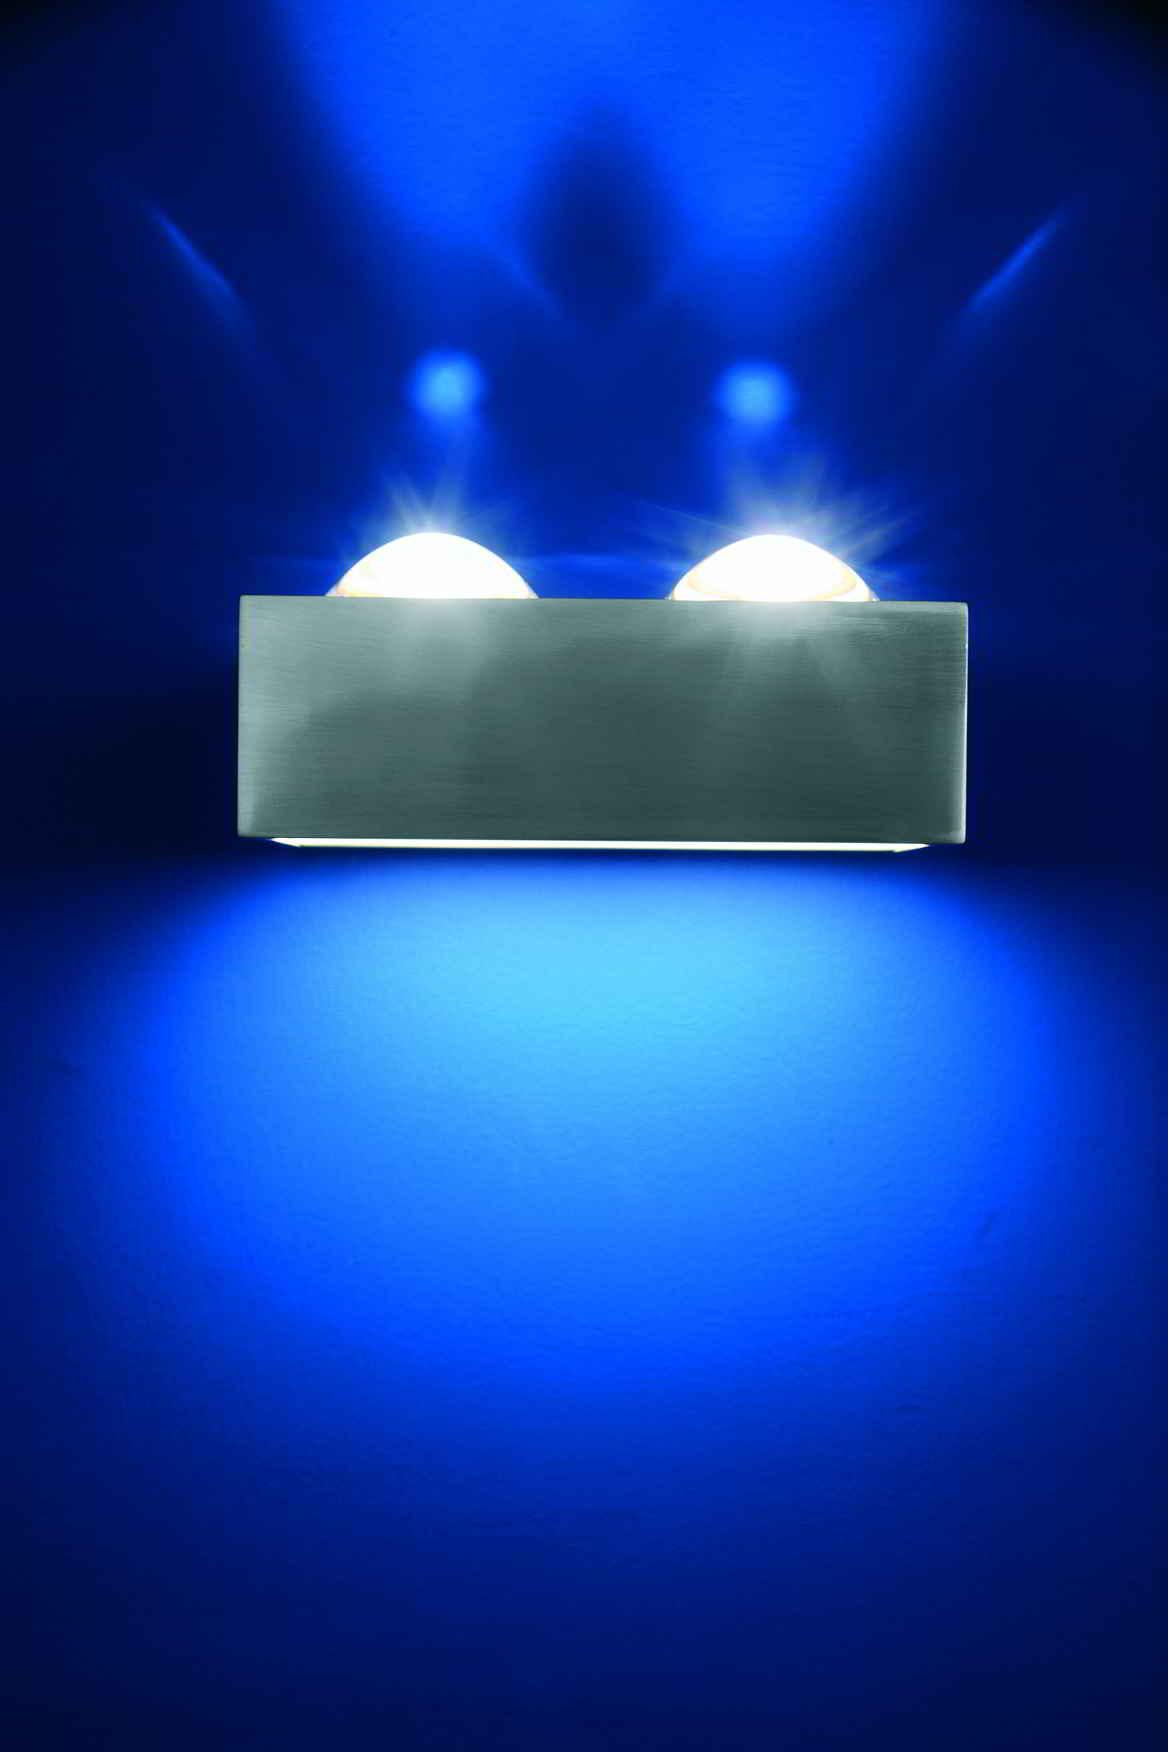 Top Light Focus 150 Hochvolt Halogen Wandleuchte-Focus 2x Linse/Glas nickelma... TO-1035-FO-2liglnilagerabverkauf